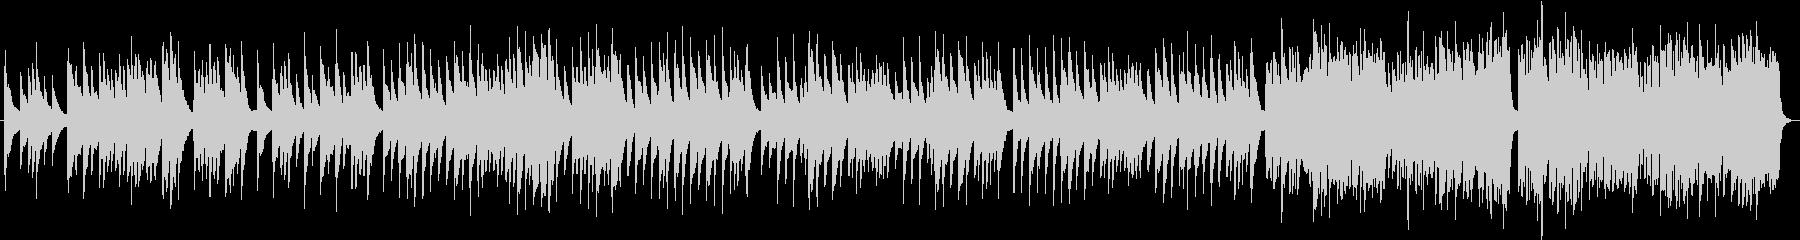 お正月の歌2曲メドレー 琴バージョンの未再生の波形